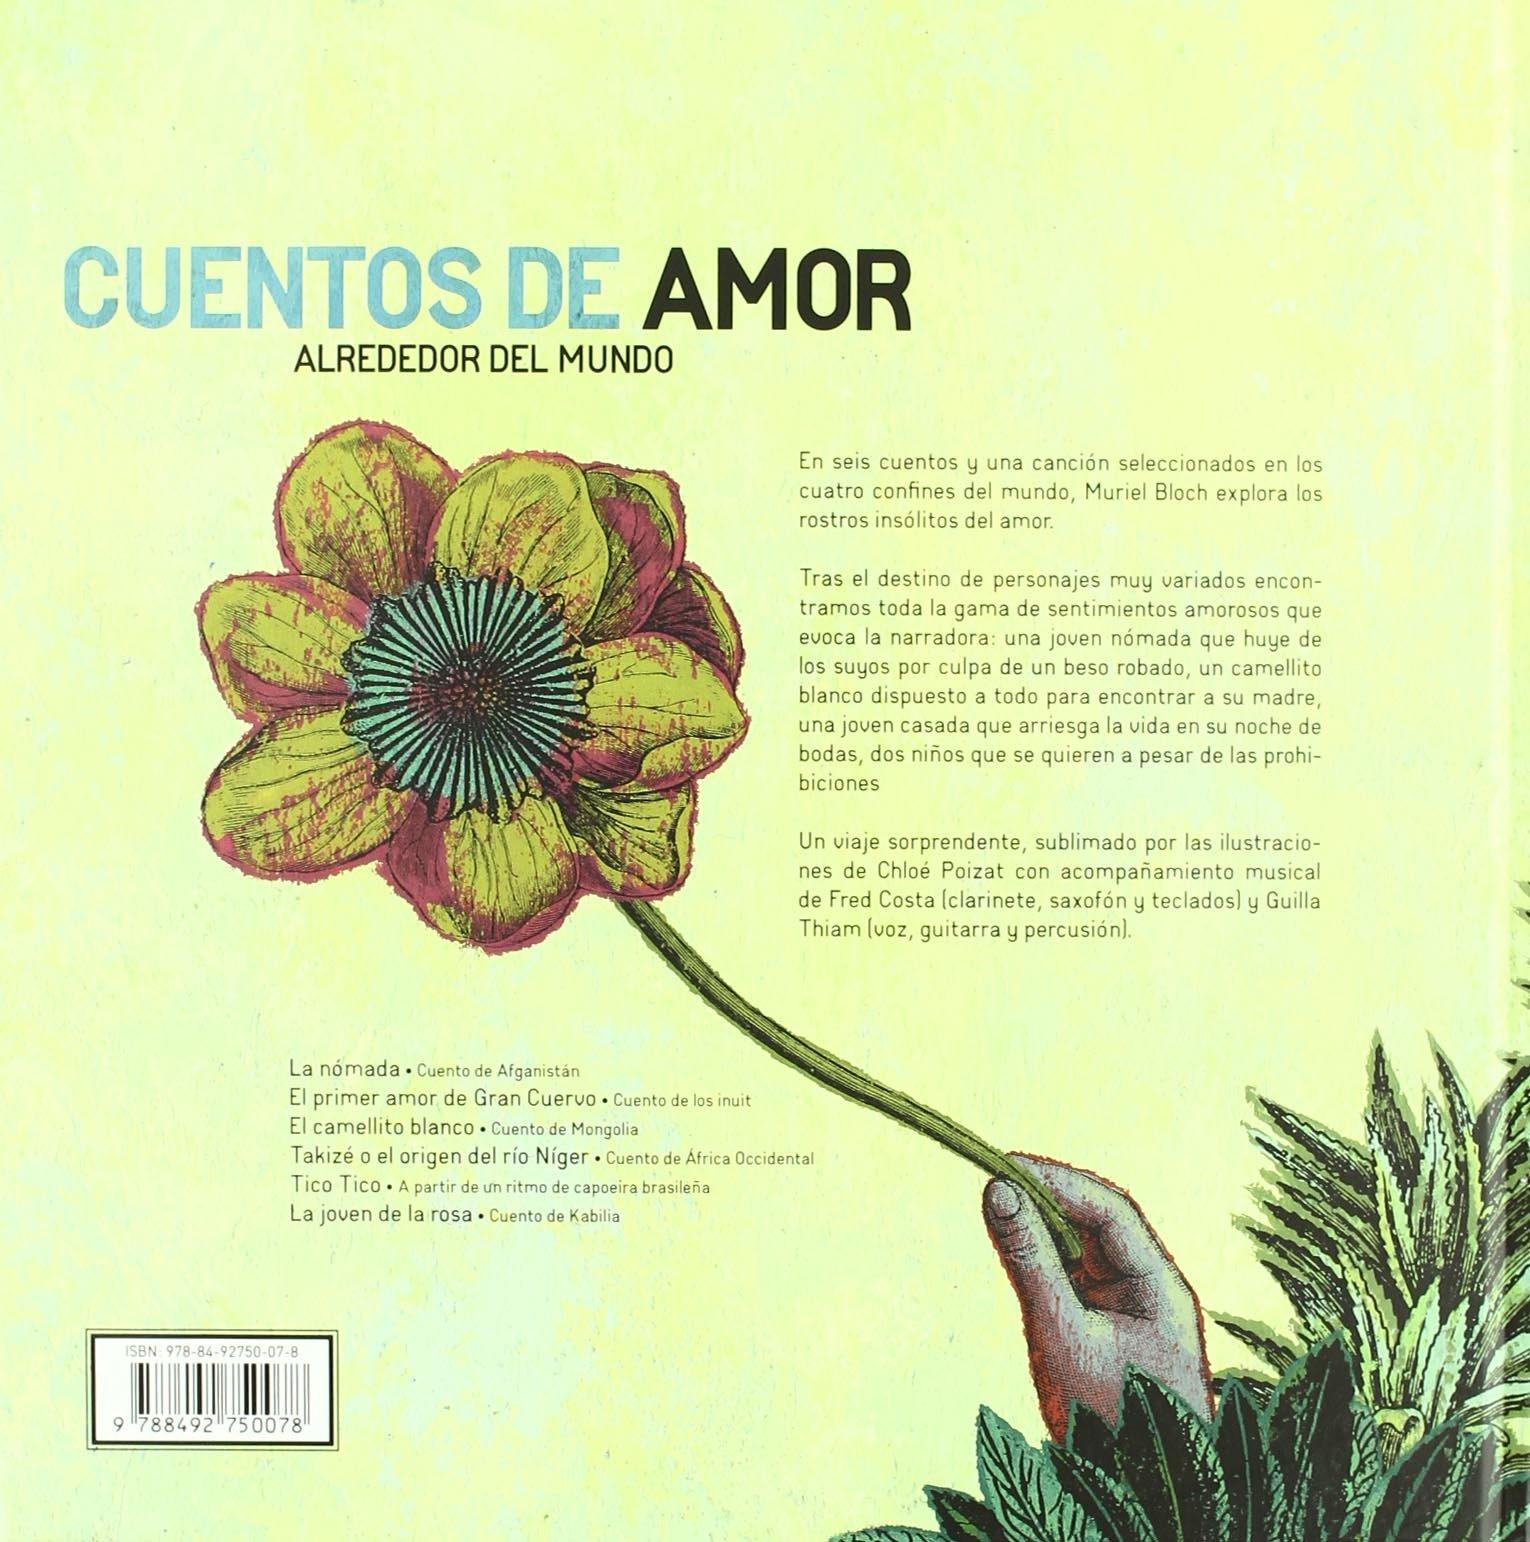 Cuentos de amor alrededor del mundo (Spanish Edition): Muriel Bloch: 9788492750078: Amazon.com: Books